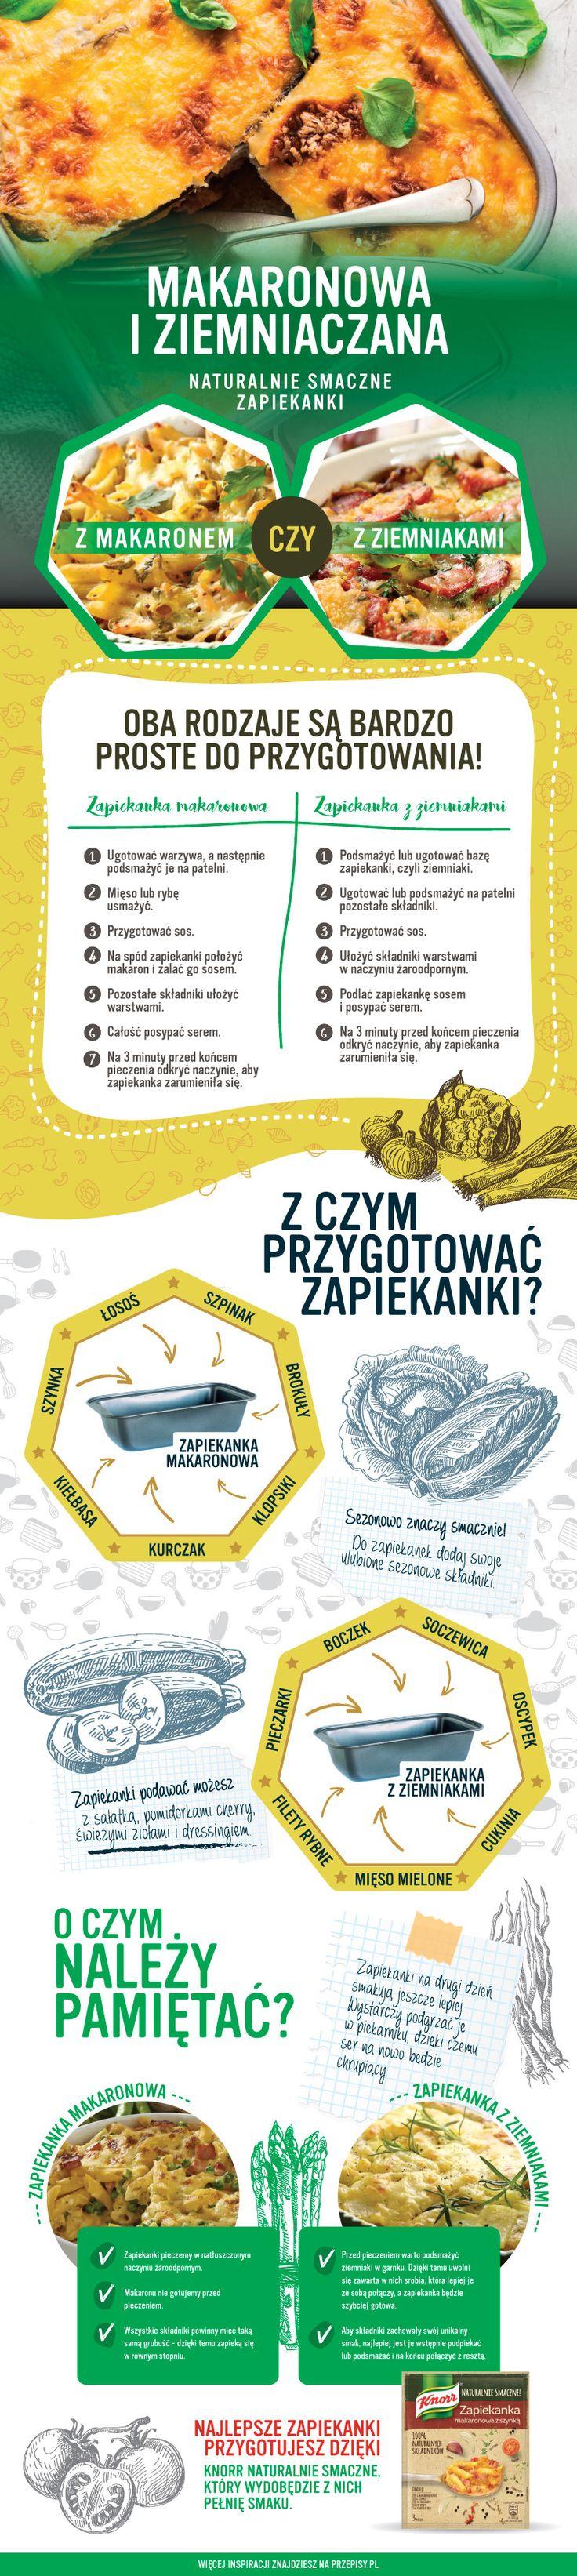 Makaronowa i ziemniaczana zapiekanka - infografika #pasta #infografika #cooking